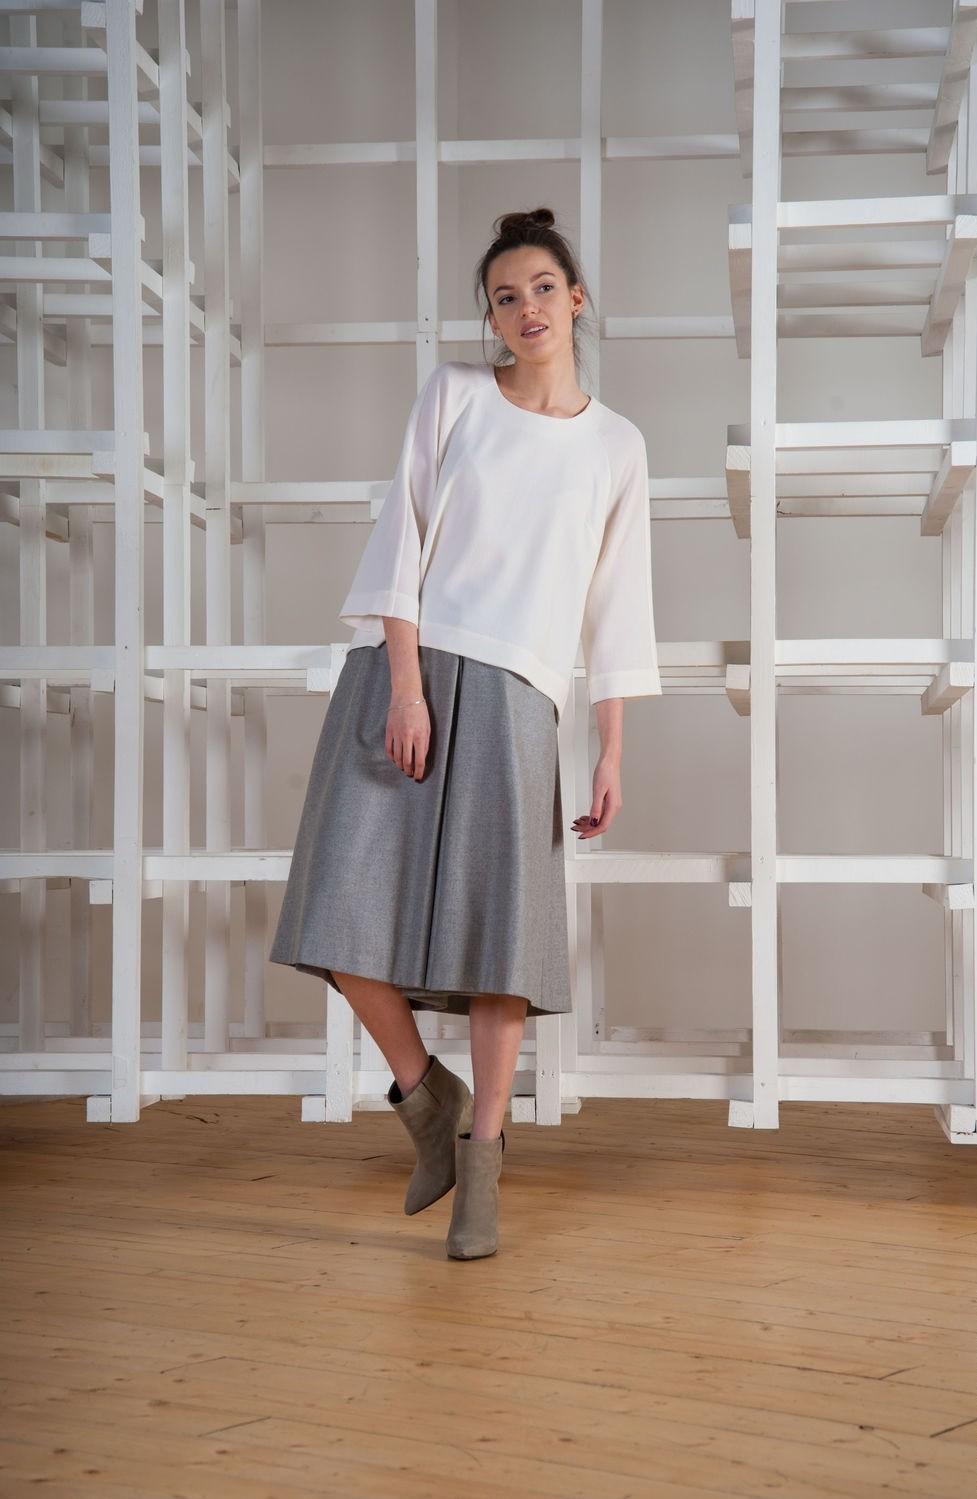 с чем носить серую юбку: шорты по колено кофта белая